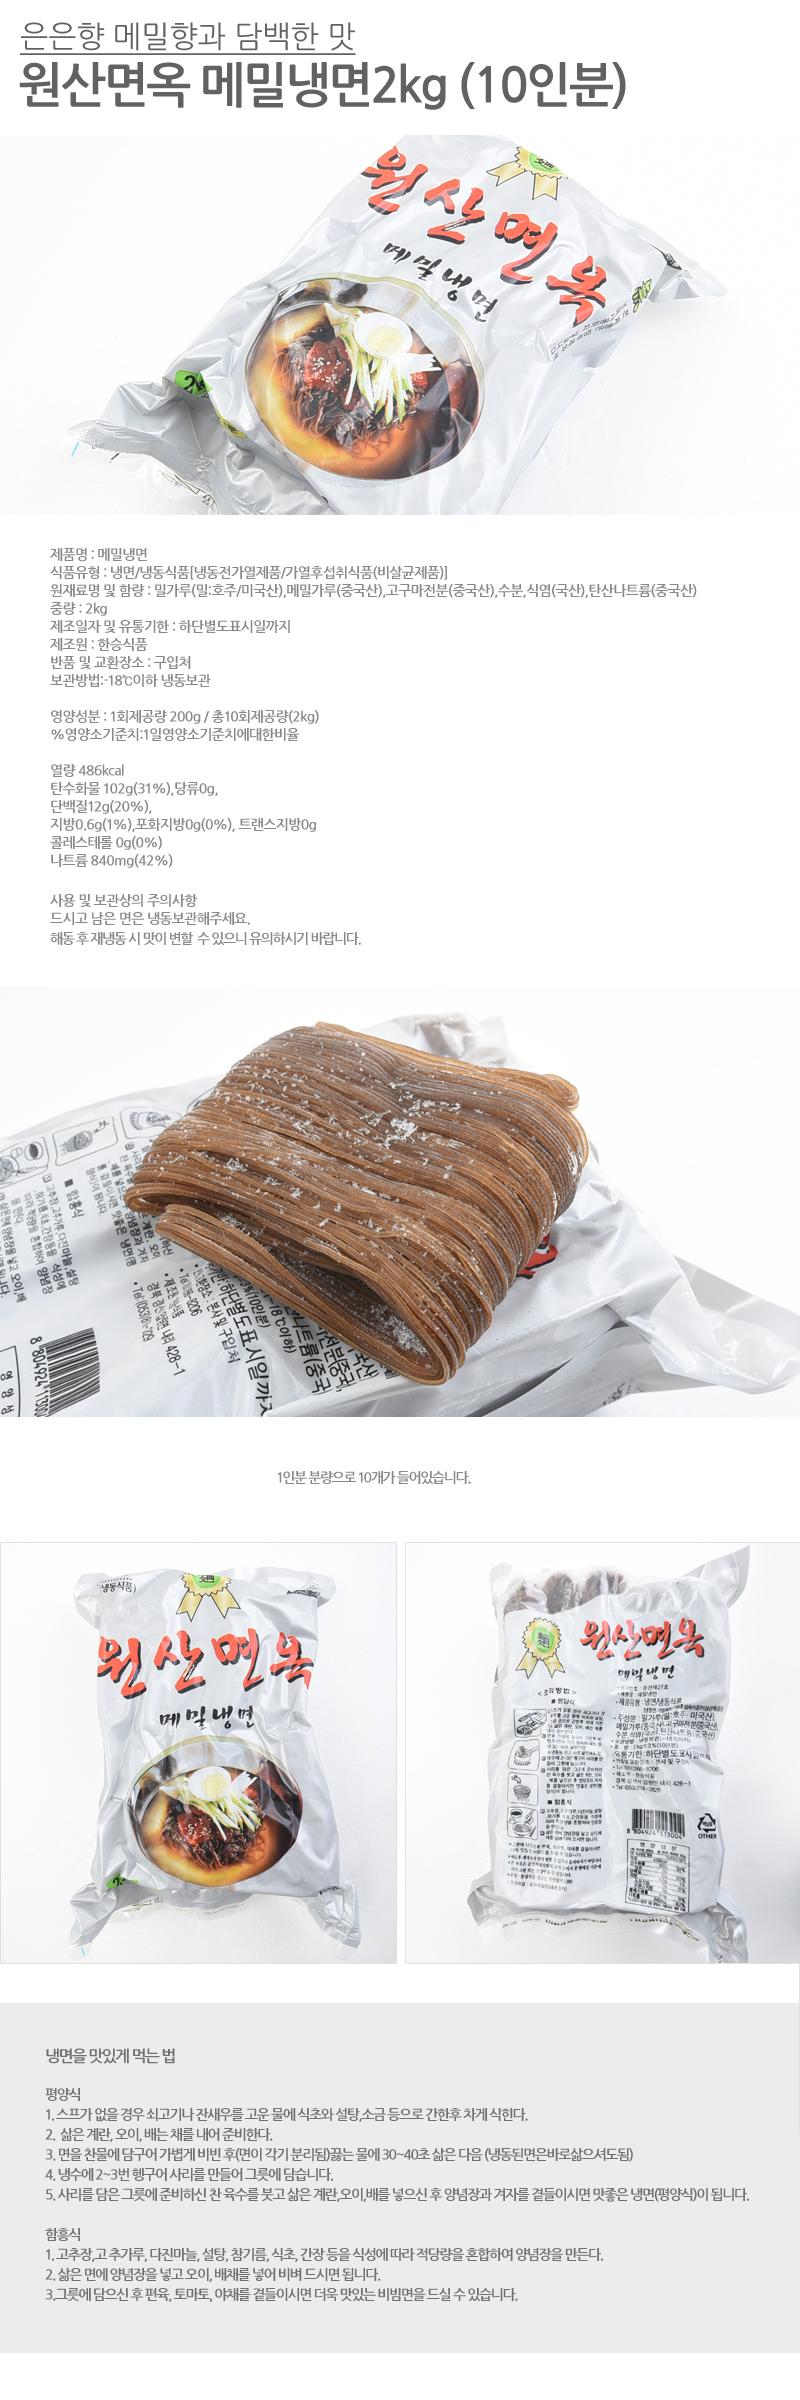 noodle_02_01.jpg